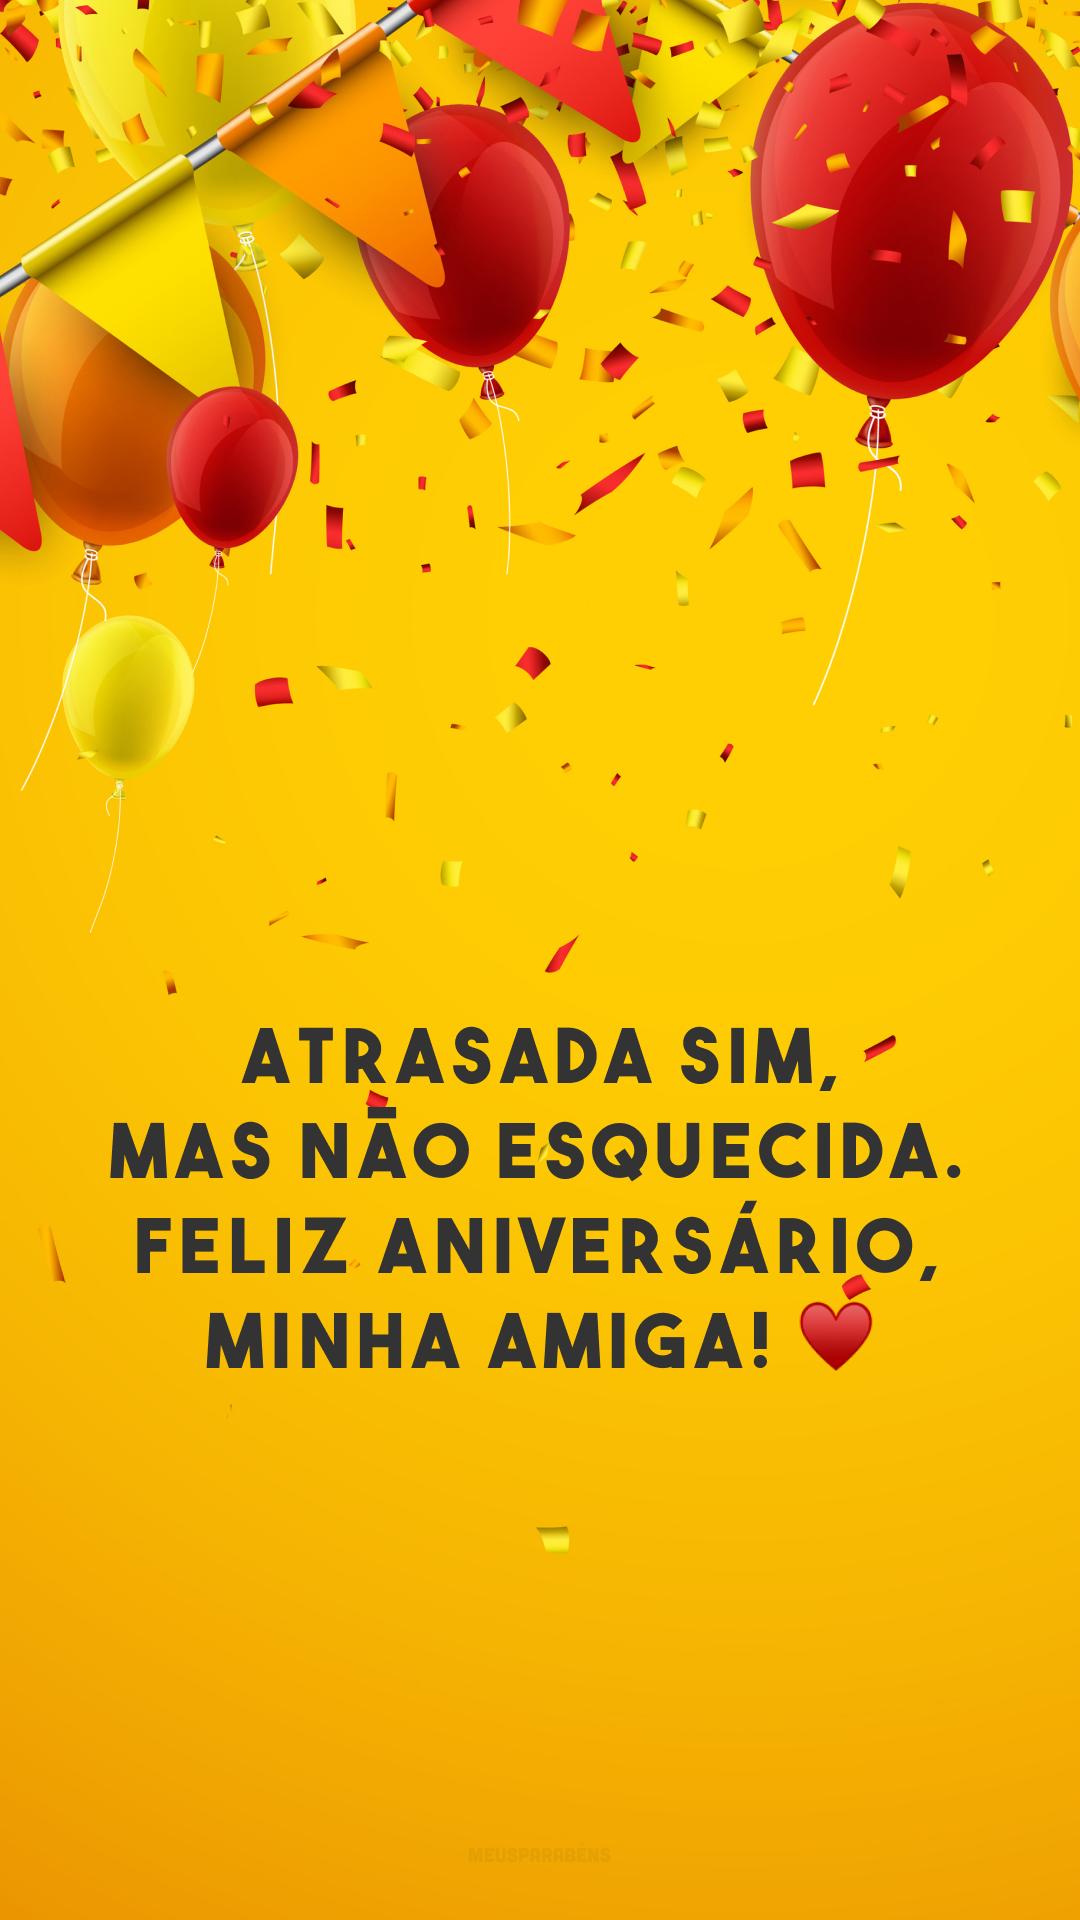 Atrasada sim, mas não esquecida. Feliz aniversário, minha amiga! ♥